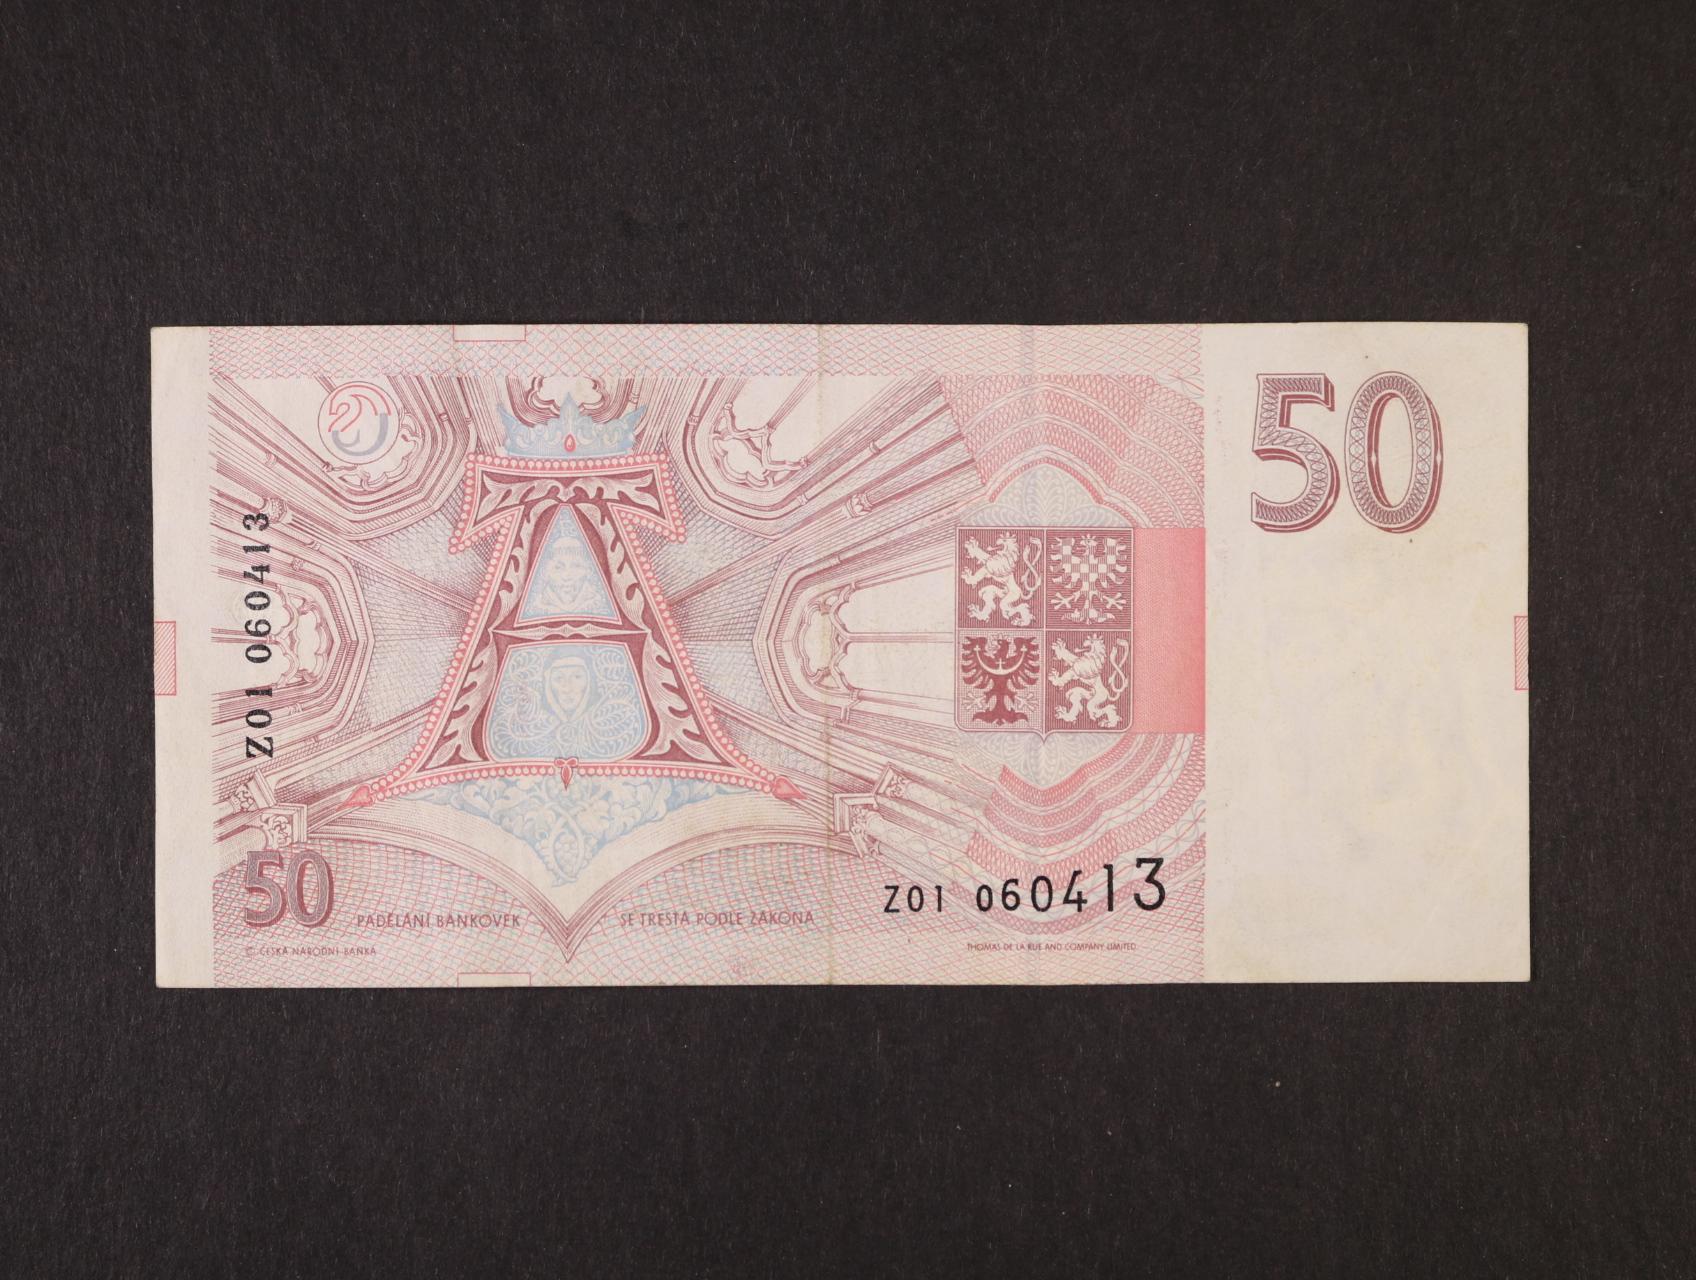 50 Kč 1993 série Z 01, Ba. CZ 4, Pi. 4r